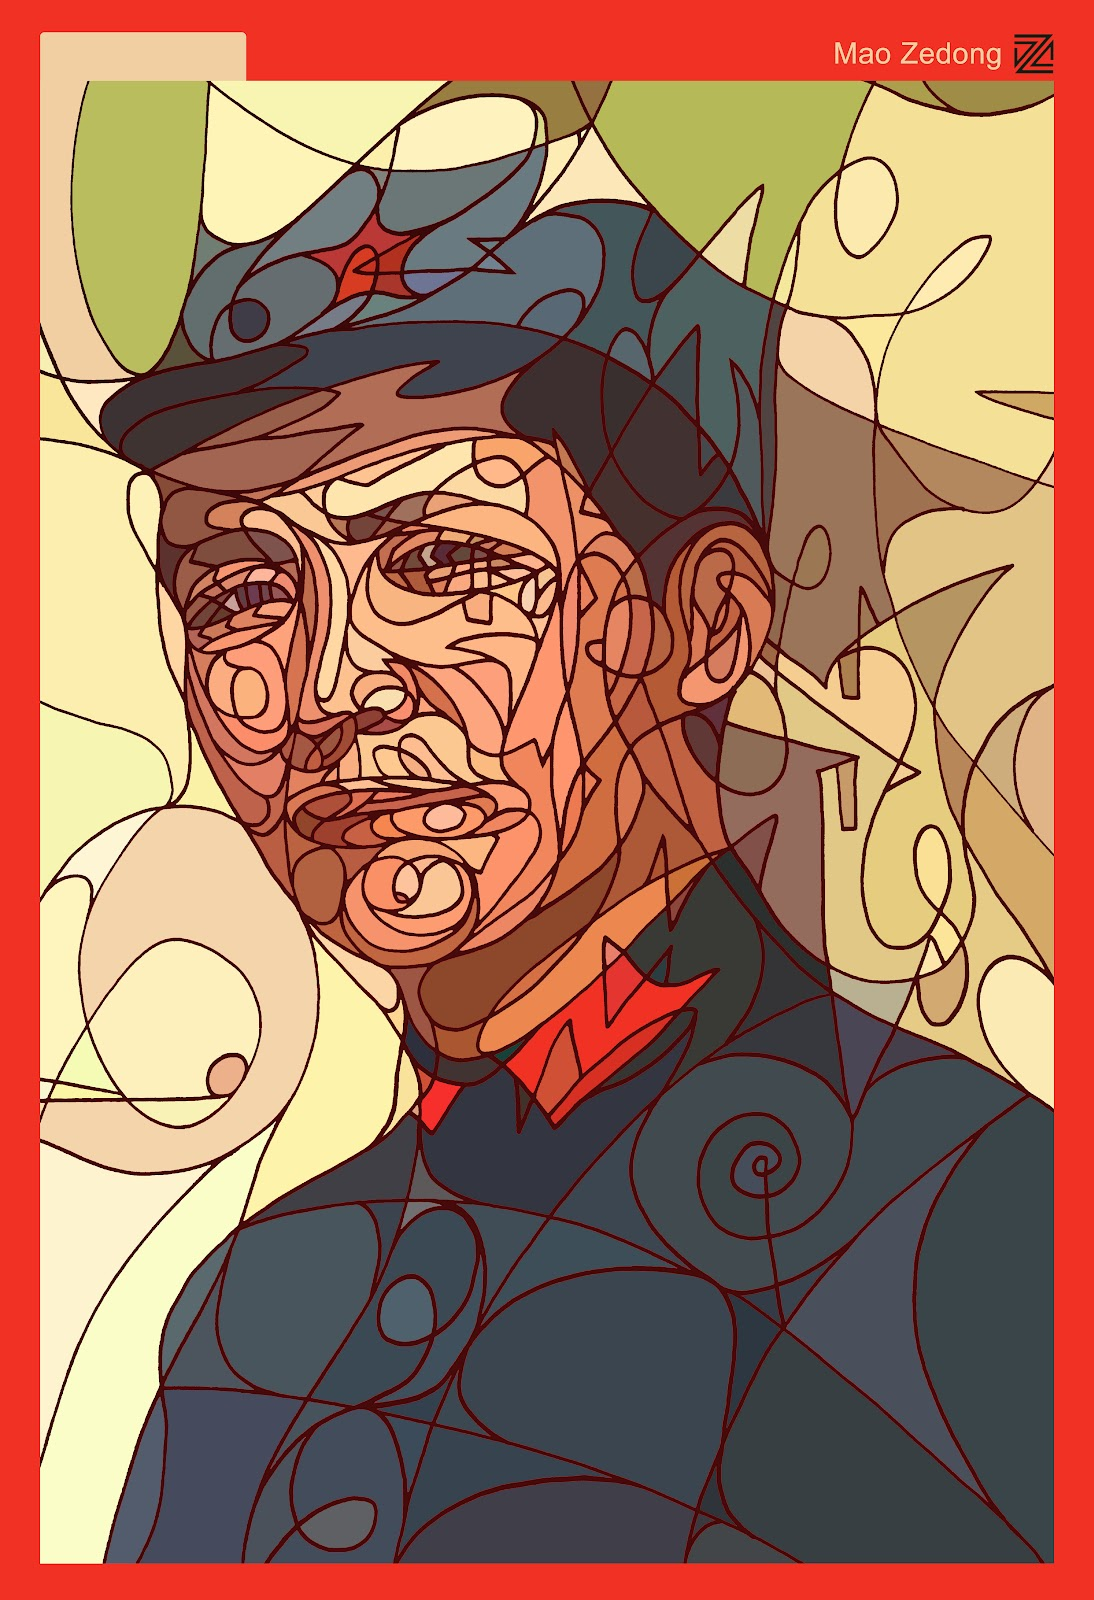 *撩亂草寫勾勒出熟悉KAWS的Pinocchio面孔:Dozow Chen 4